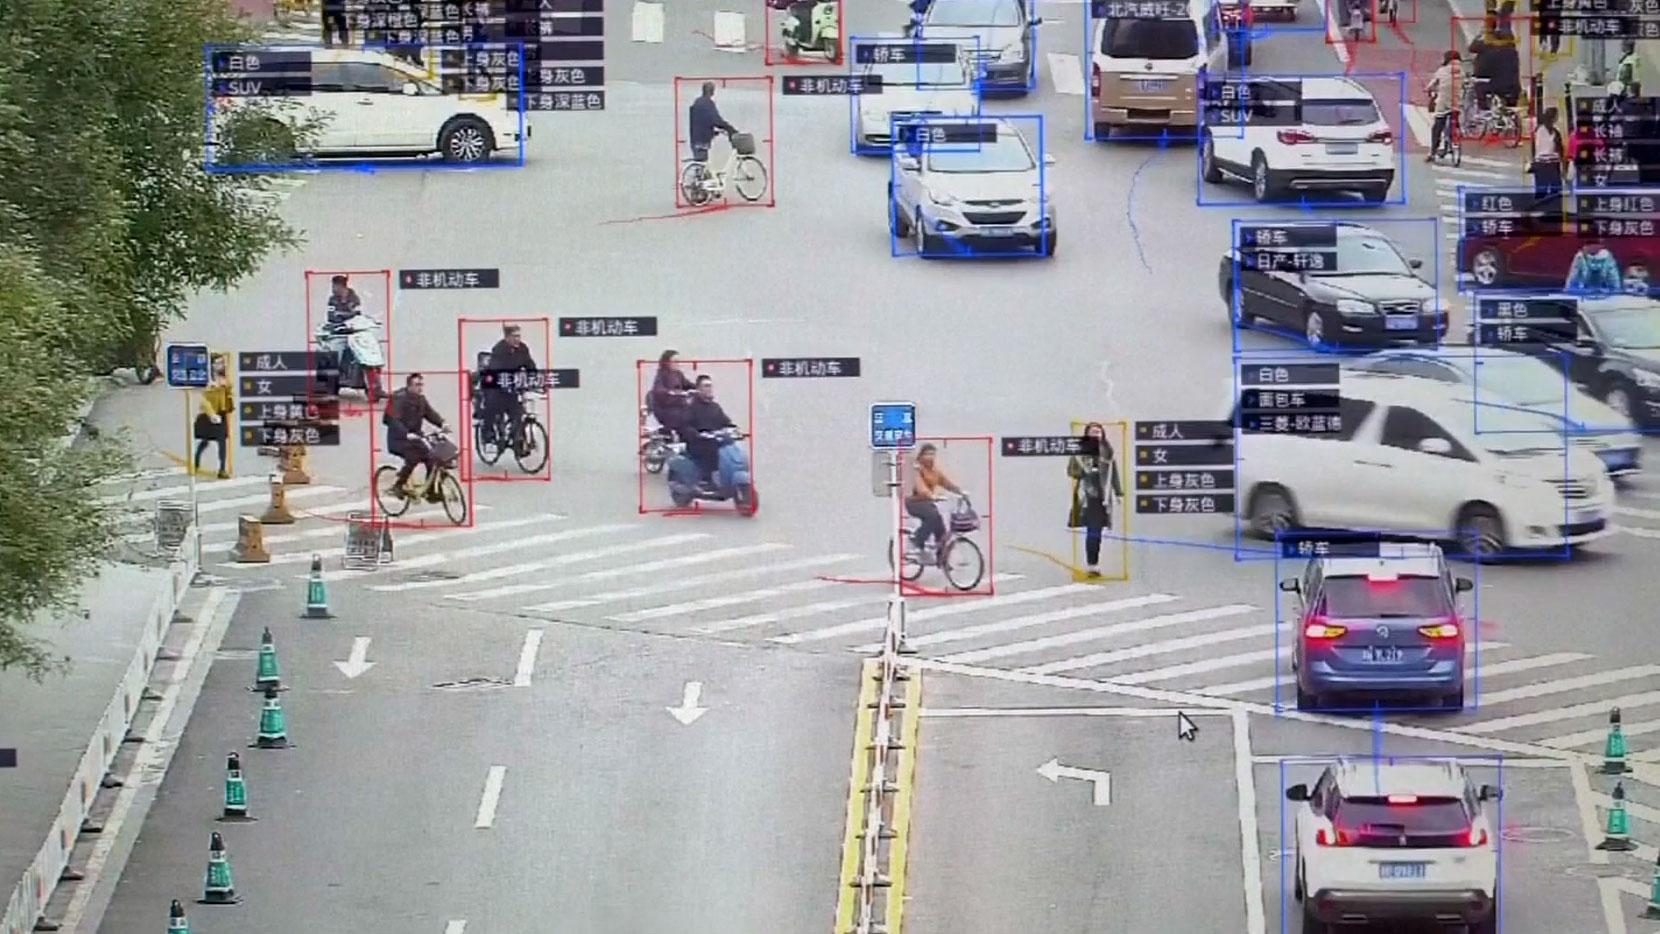 中国已有两千万多个拥有监控功能的摄像镜头,并具备对人的检测识别功能。(视频截图/法新社)